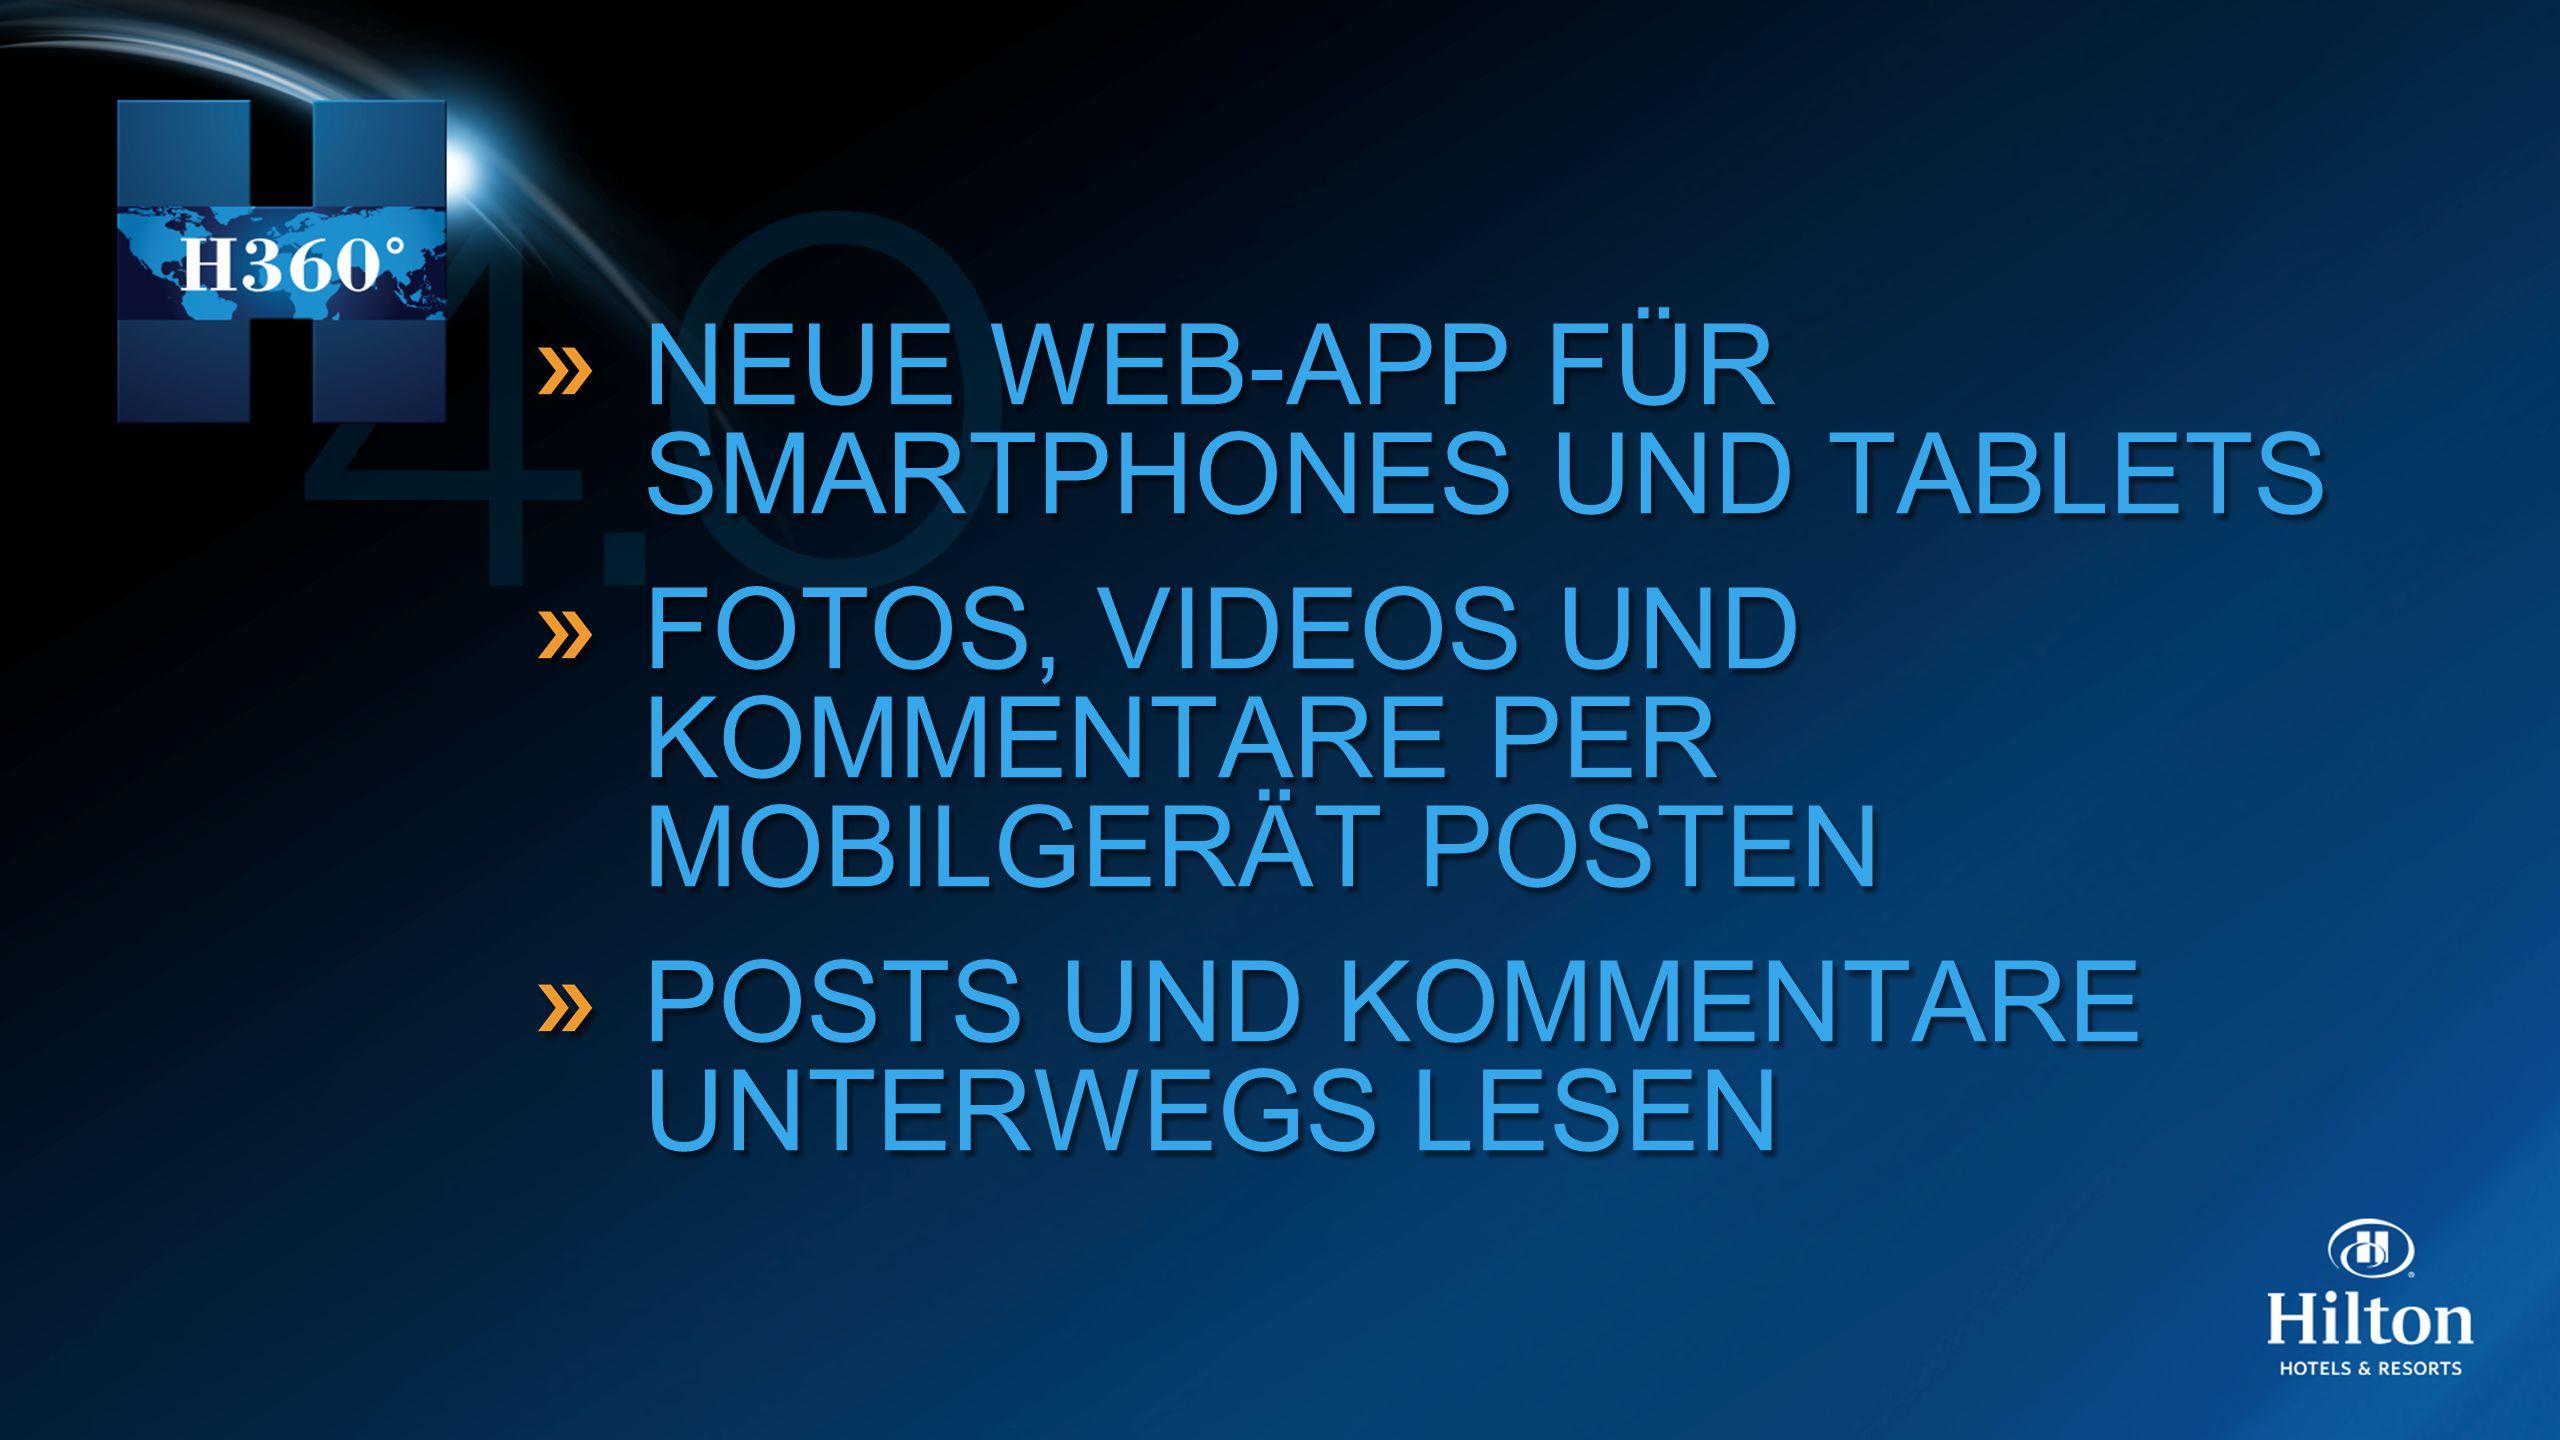 NEUE WEB-APP FÜR SMARTPHONES UND TABLETS FOTOS, VIDEOS UND KOMMENTARE PER MOBILGERÄT POSTEN POSTS UND KOMMENTARE UNTERWEGS LESEN NEUE WEB-APP FÜR SMAR